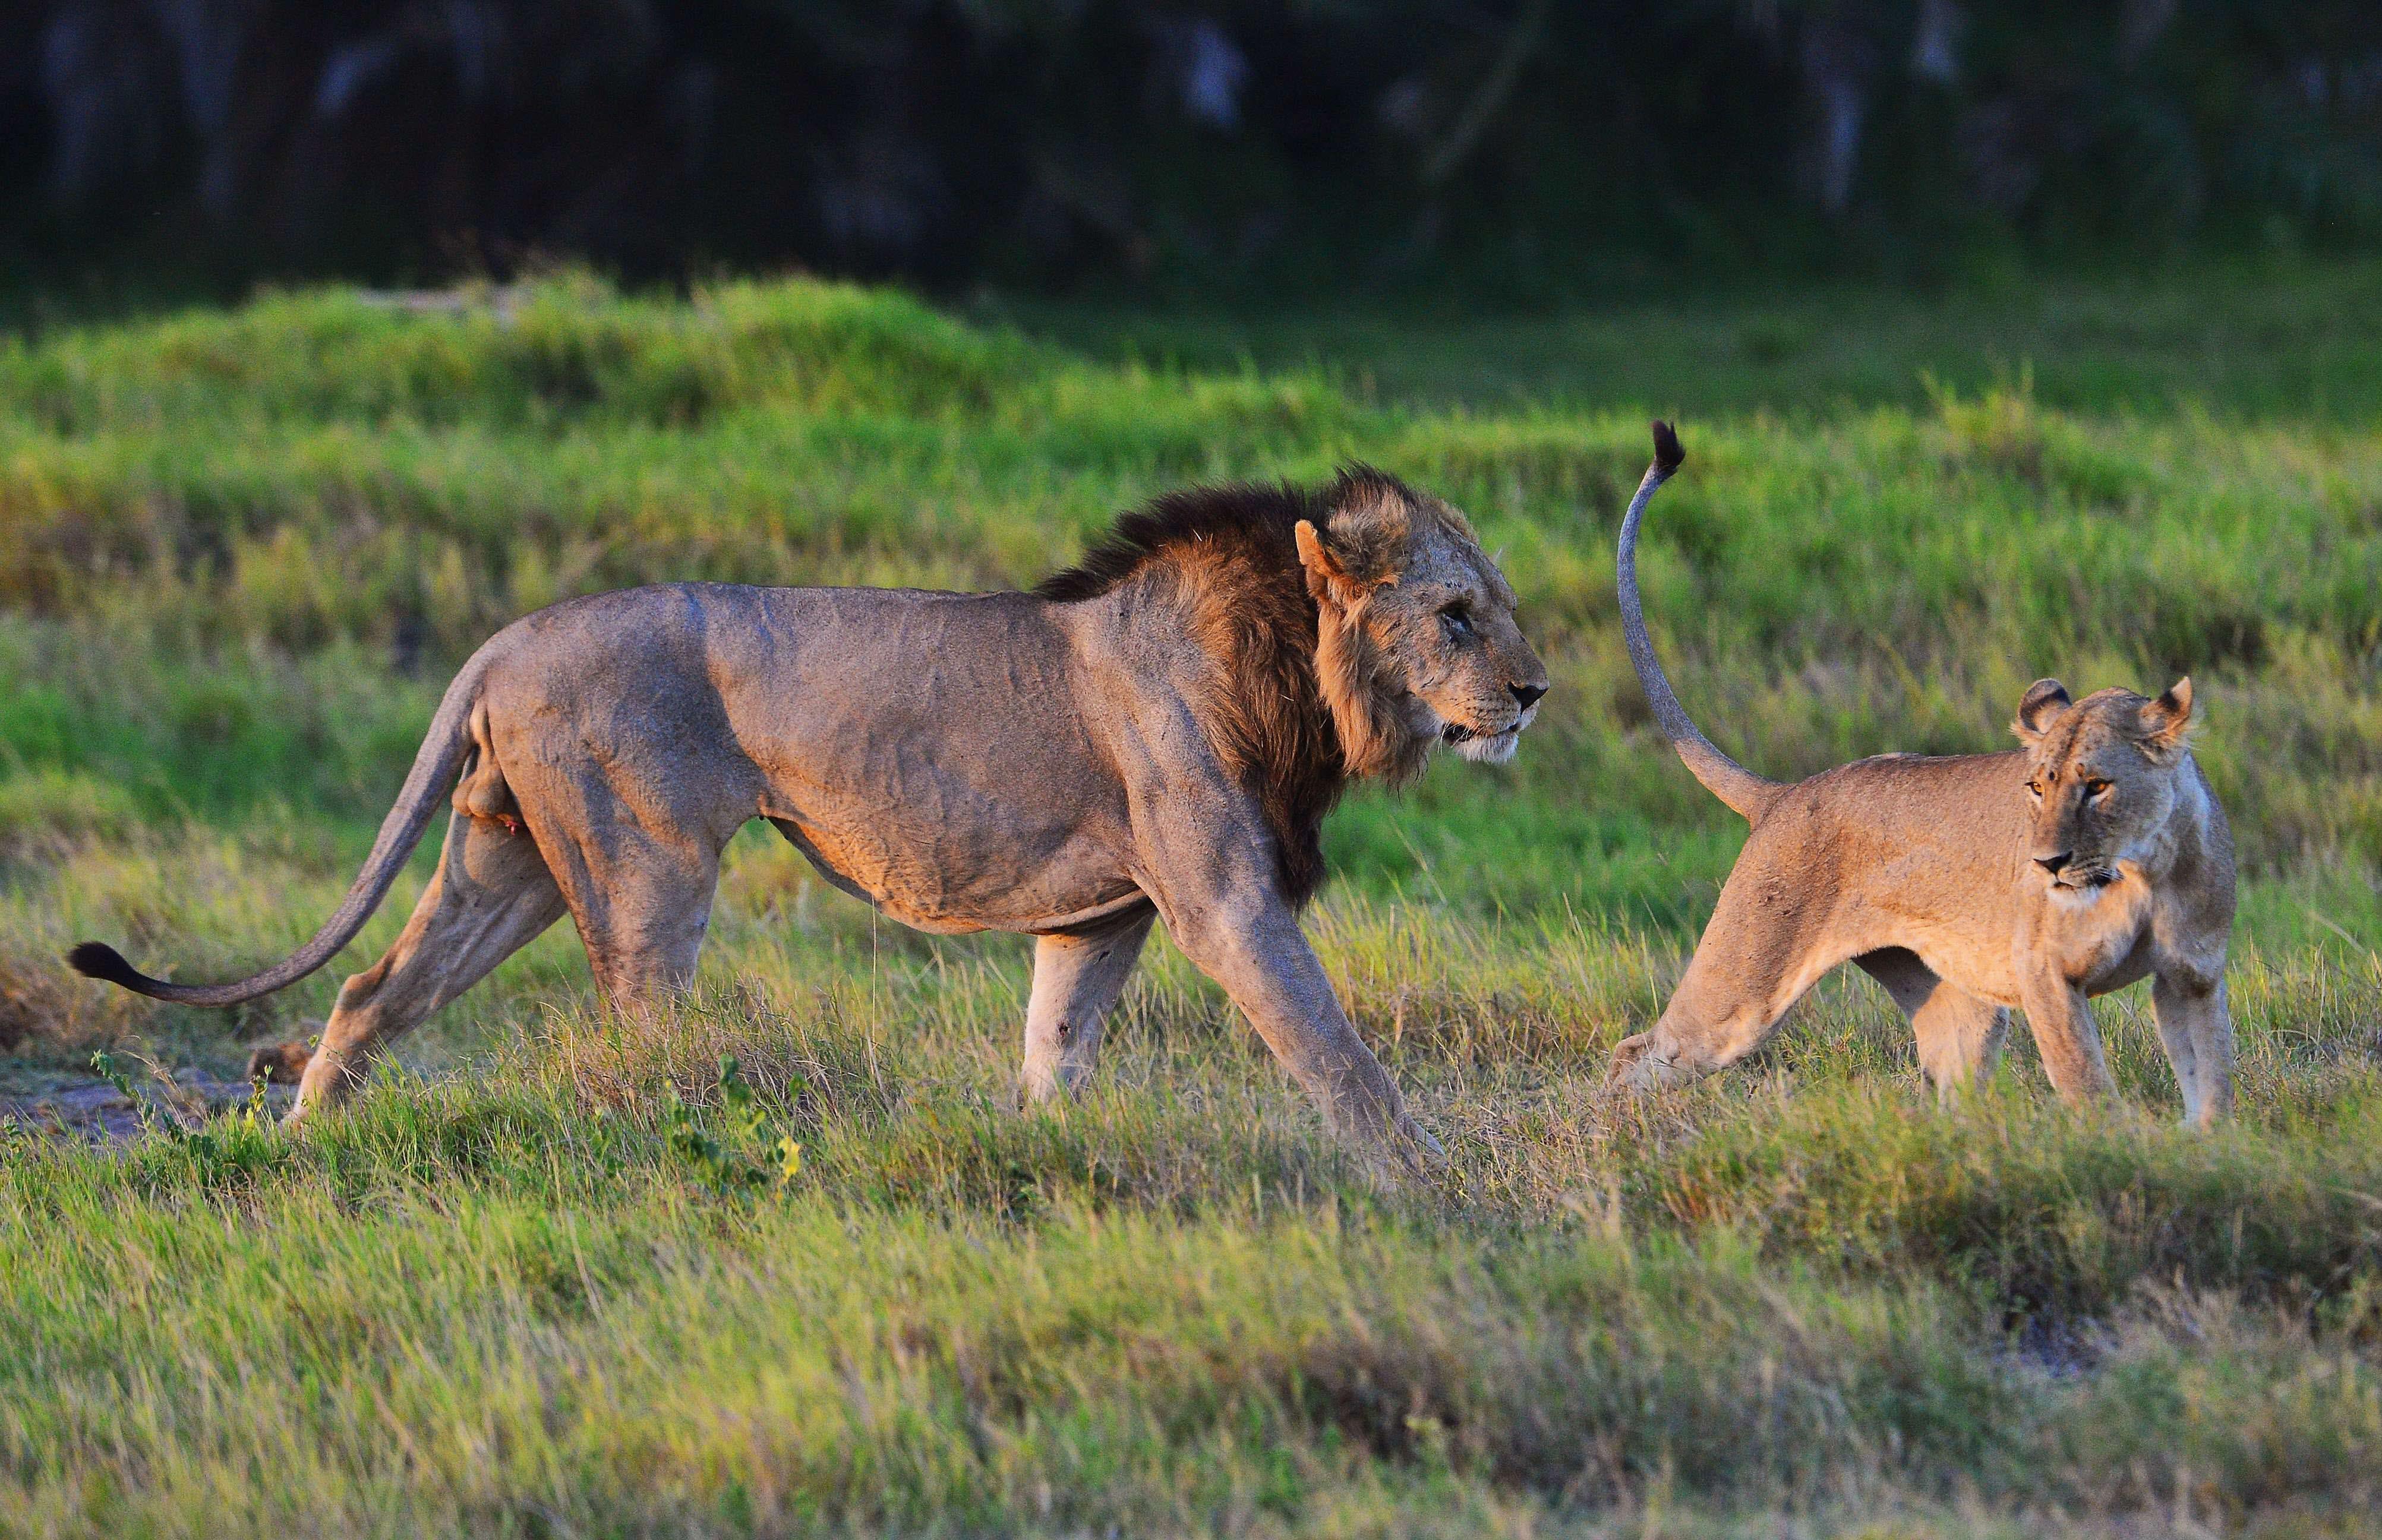 Un cazador furtivo muere por el ataque de un elefante y es devorado por los leones